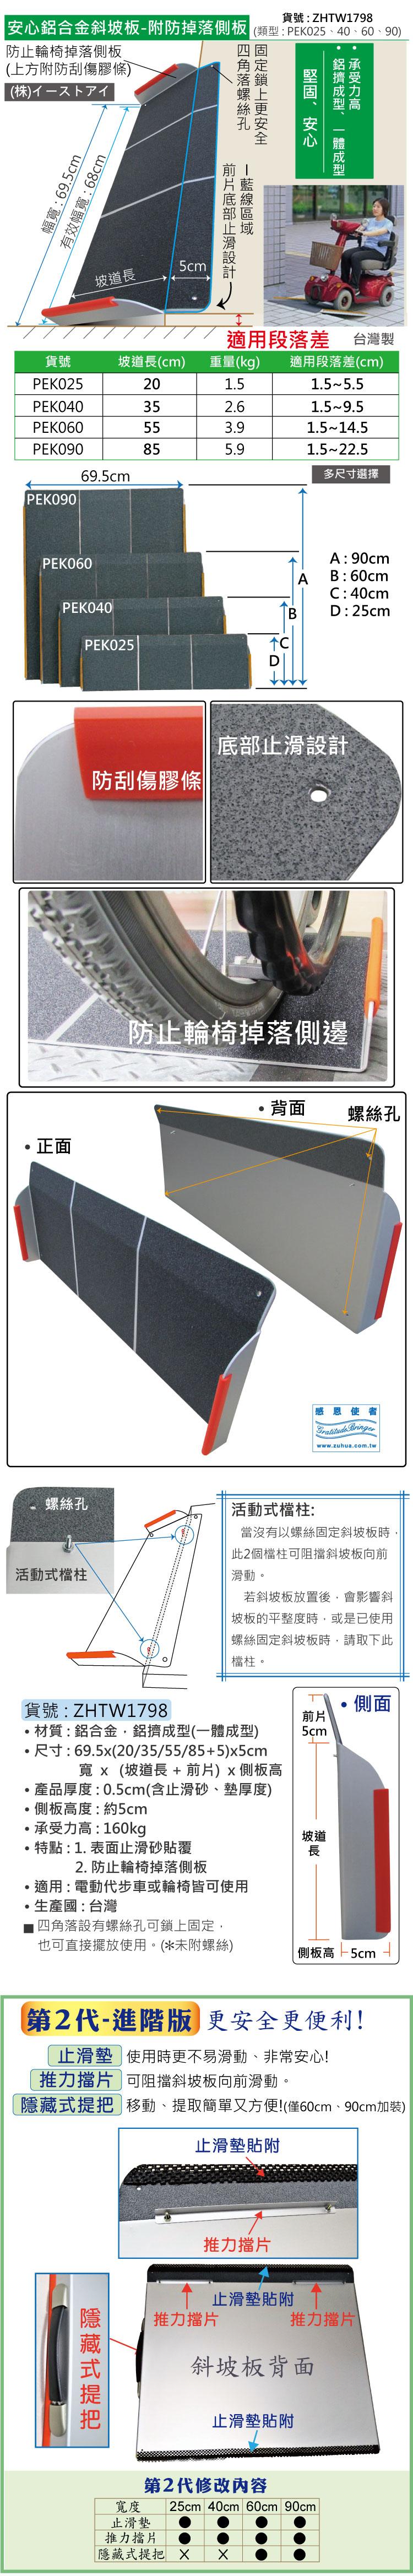 #第2代#可攜式-鋁合金斜坡板-附防掉落側板款,防刮傷膠條、止滑加工、加裝推力擋片,多種尺寸 #台灣製斜坡板,安全又安心